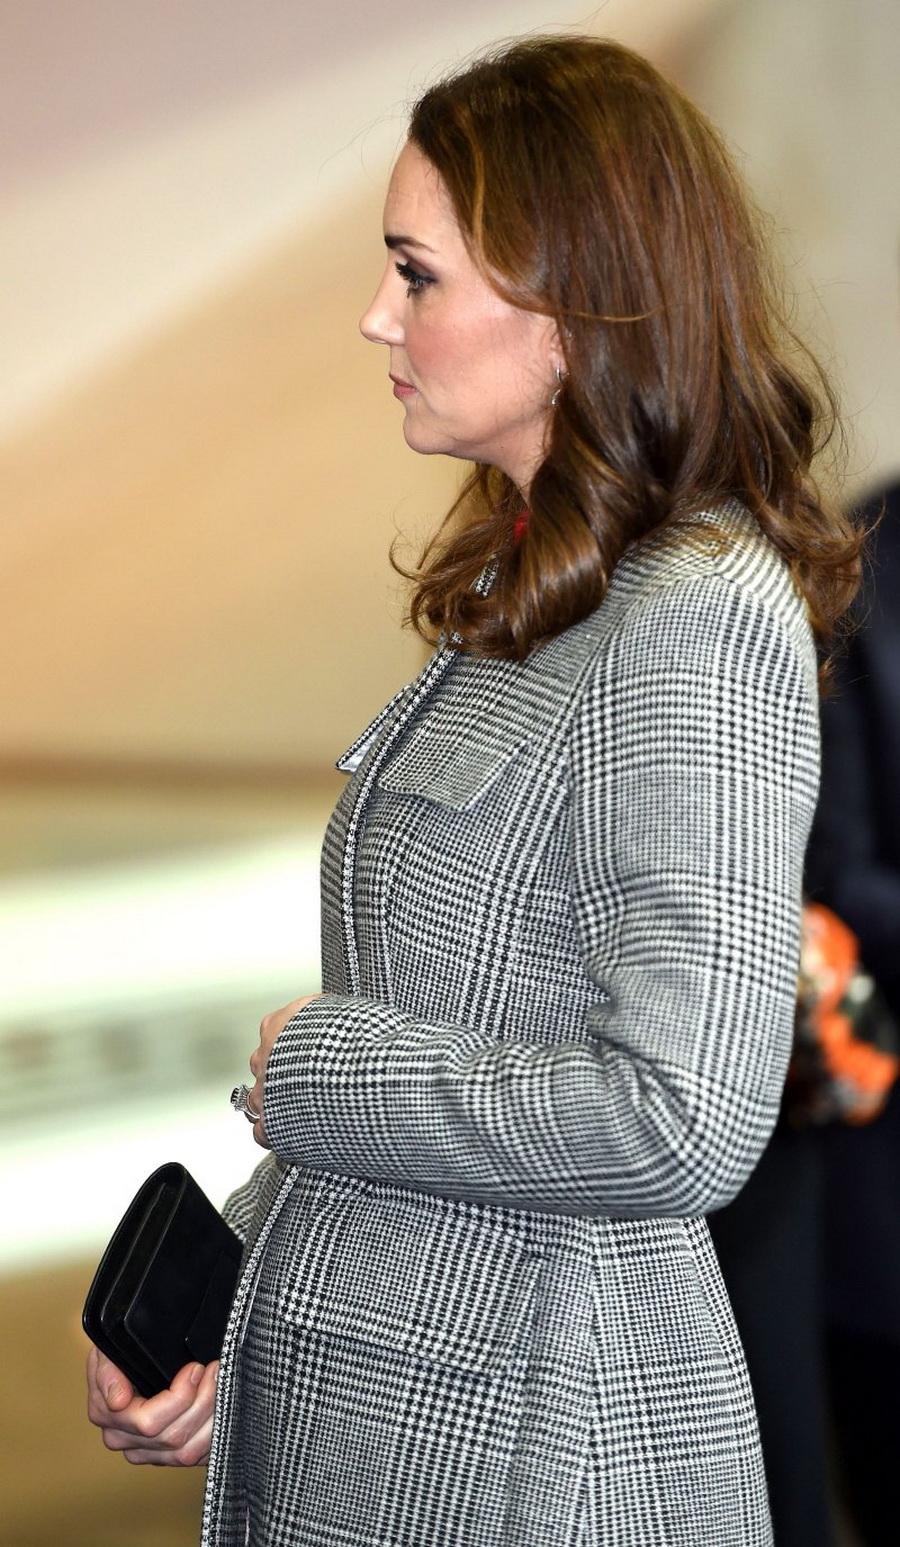 Кејт Мидлтон блеска во третиот месец од бременоста (ФОТО)